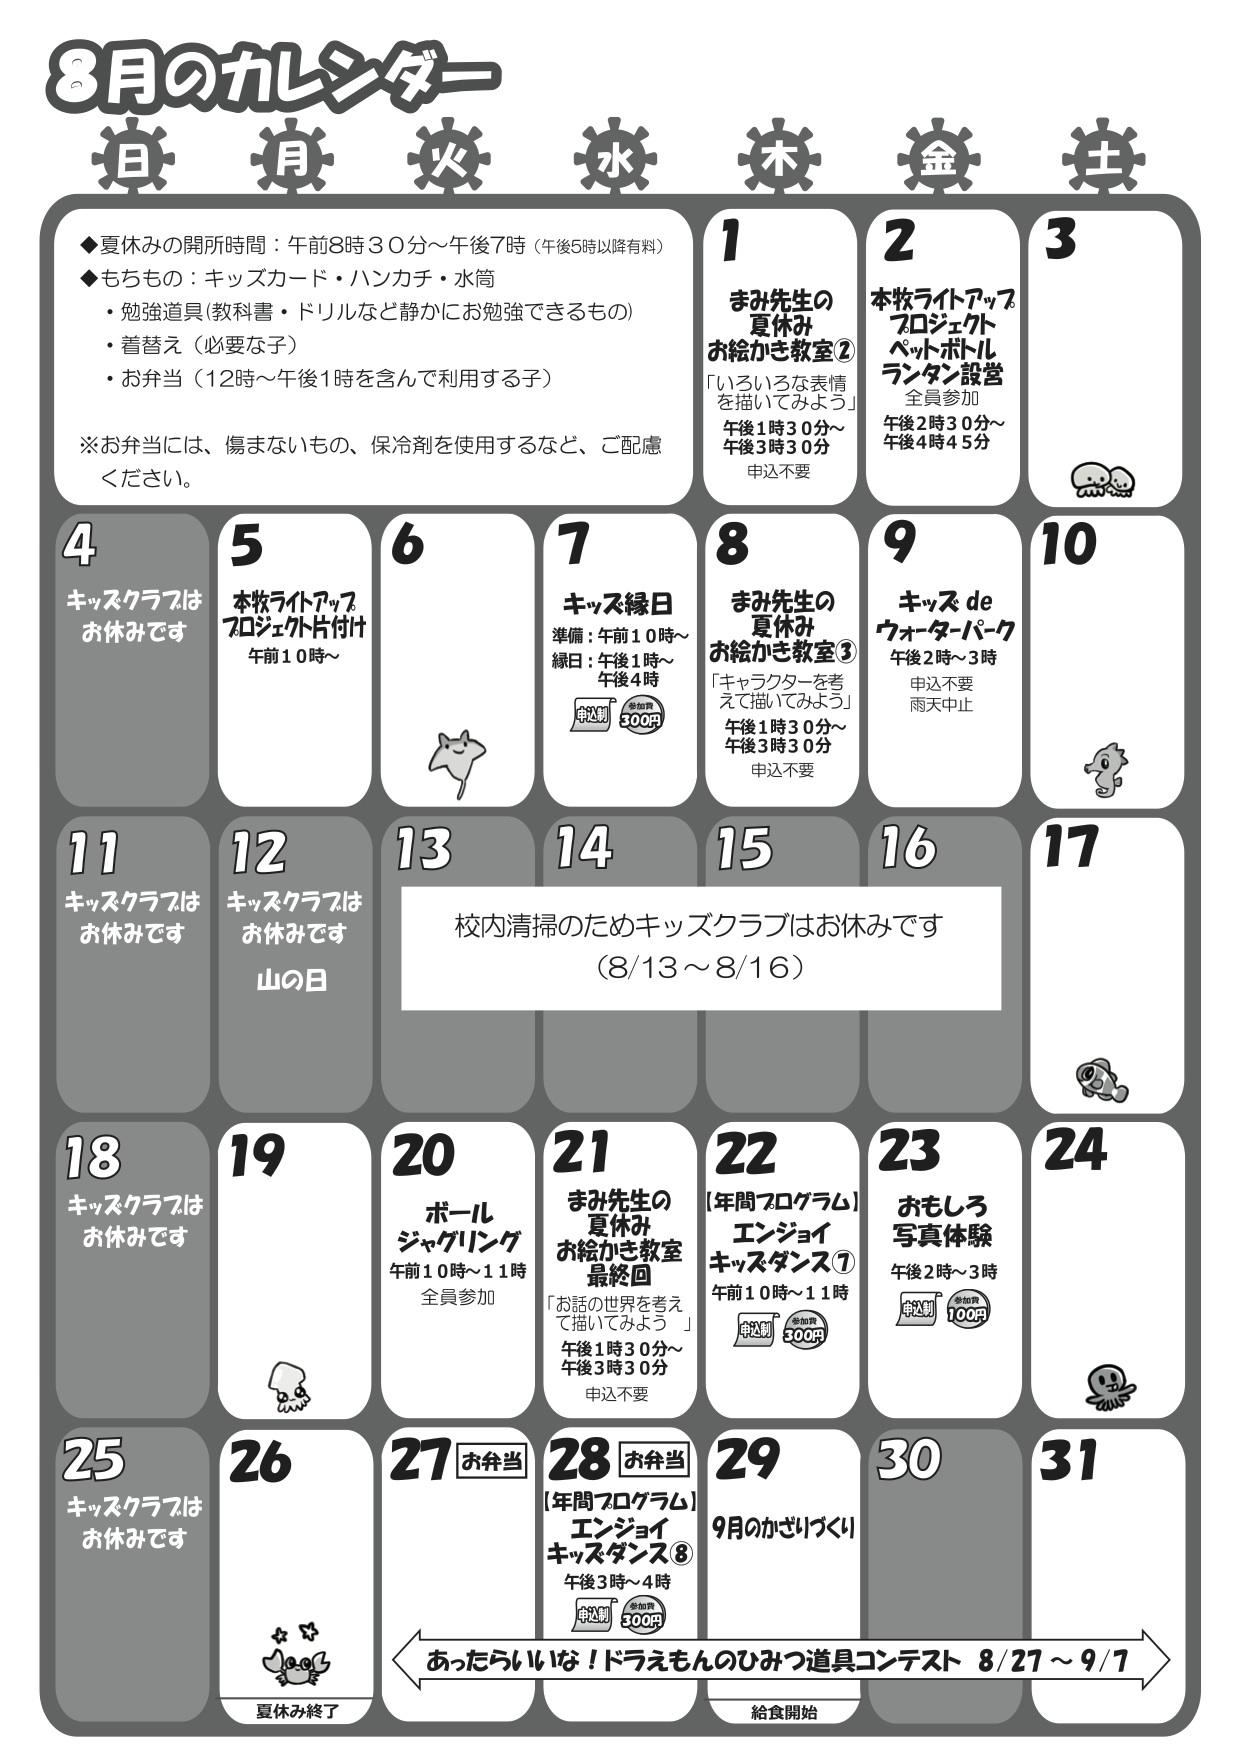 8月のカレンダー